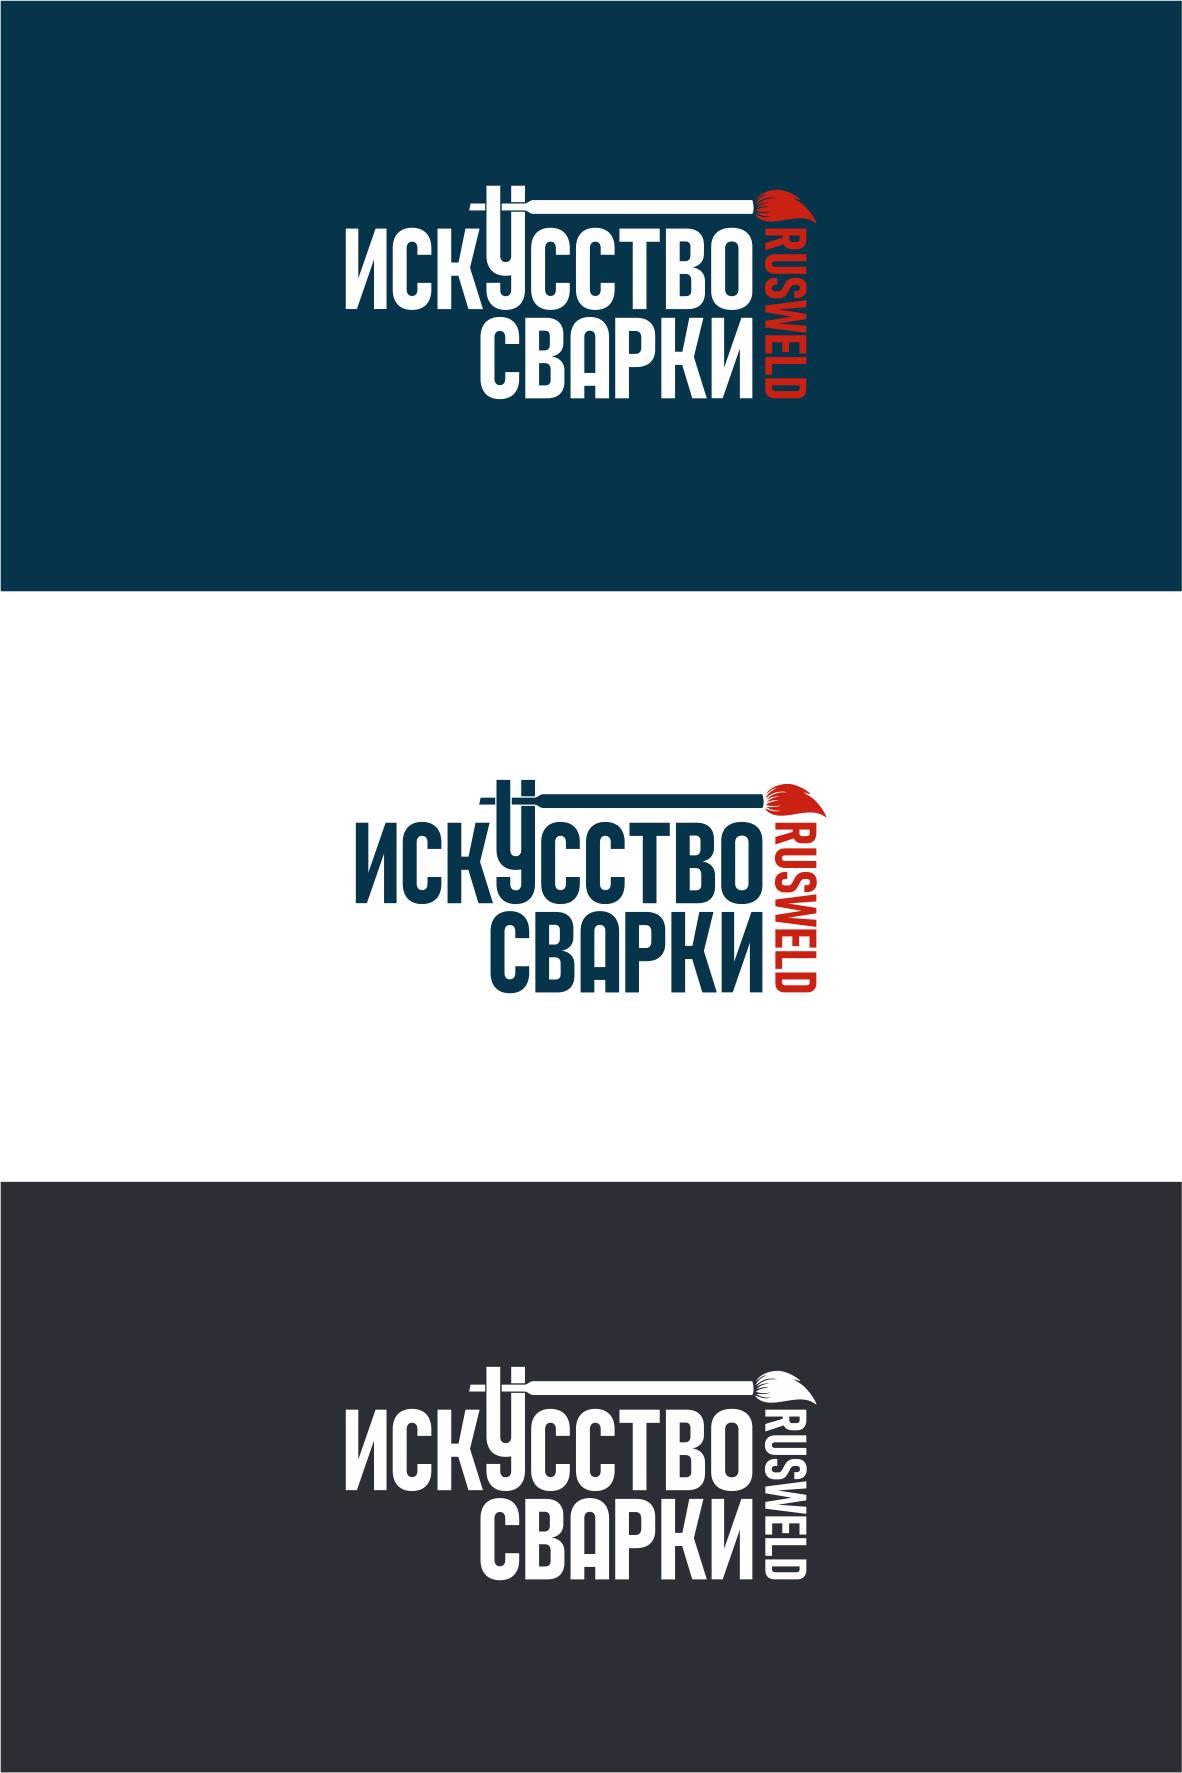 Разработка логотипа для Конкурса фото f_4645f6d85e265f62.png